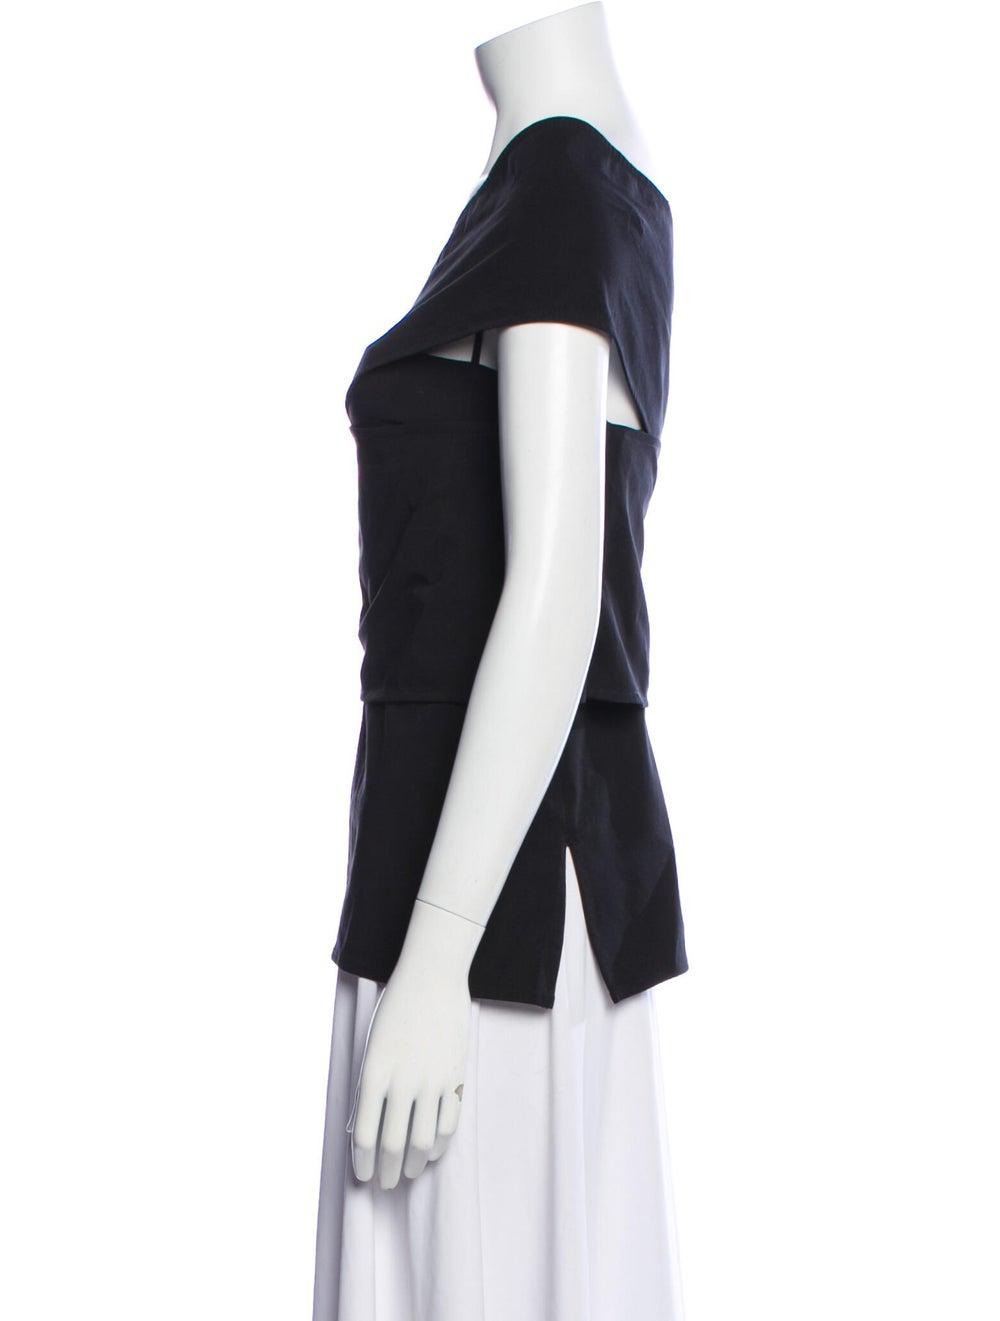 Beaufille One-Shoulder Short Sleeve Top Black - image 2